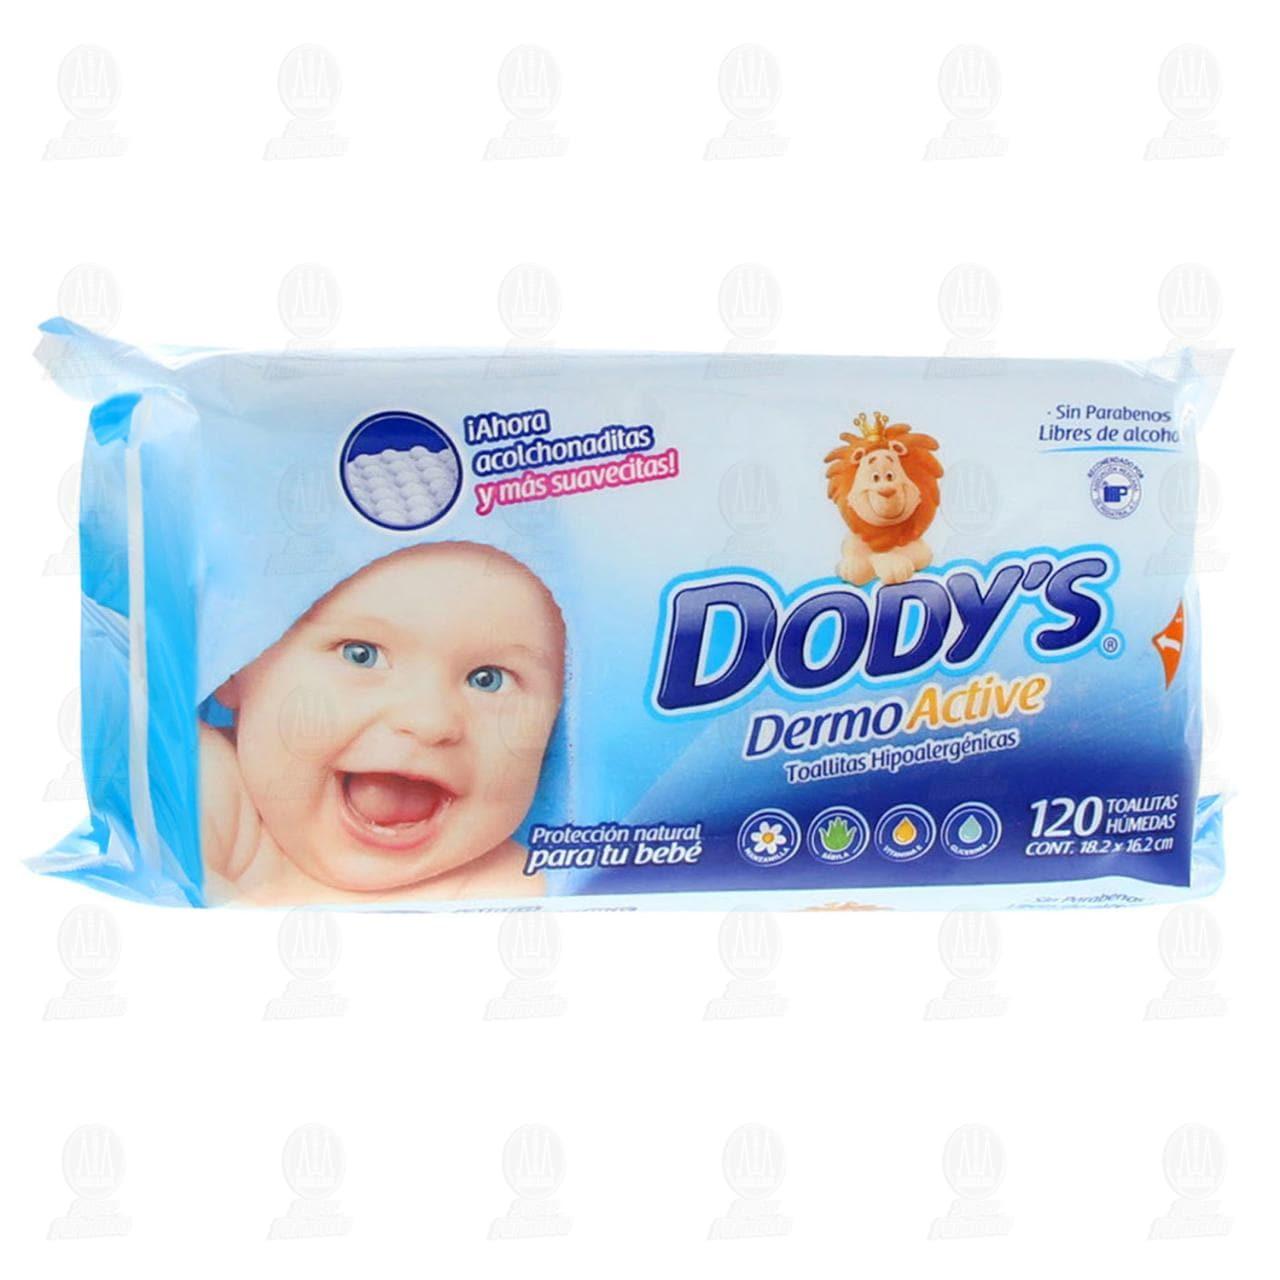 Toallitas para Bebé Dodys Dermo Active Hipoalergénicas, 120 pzas.